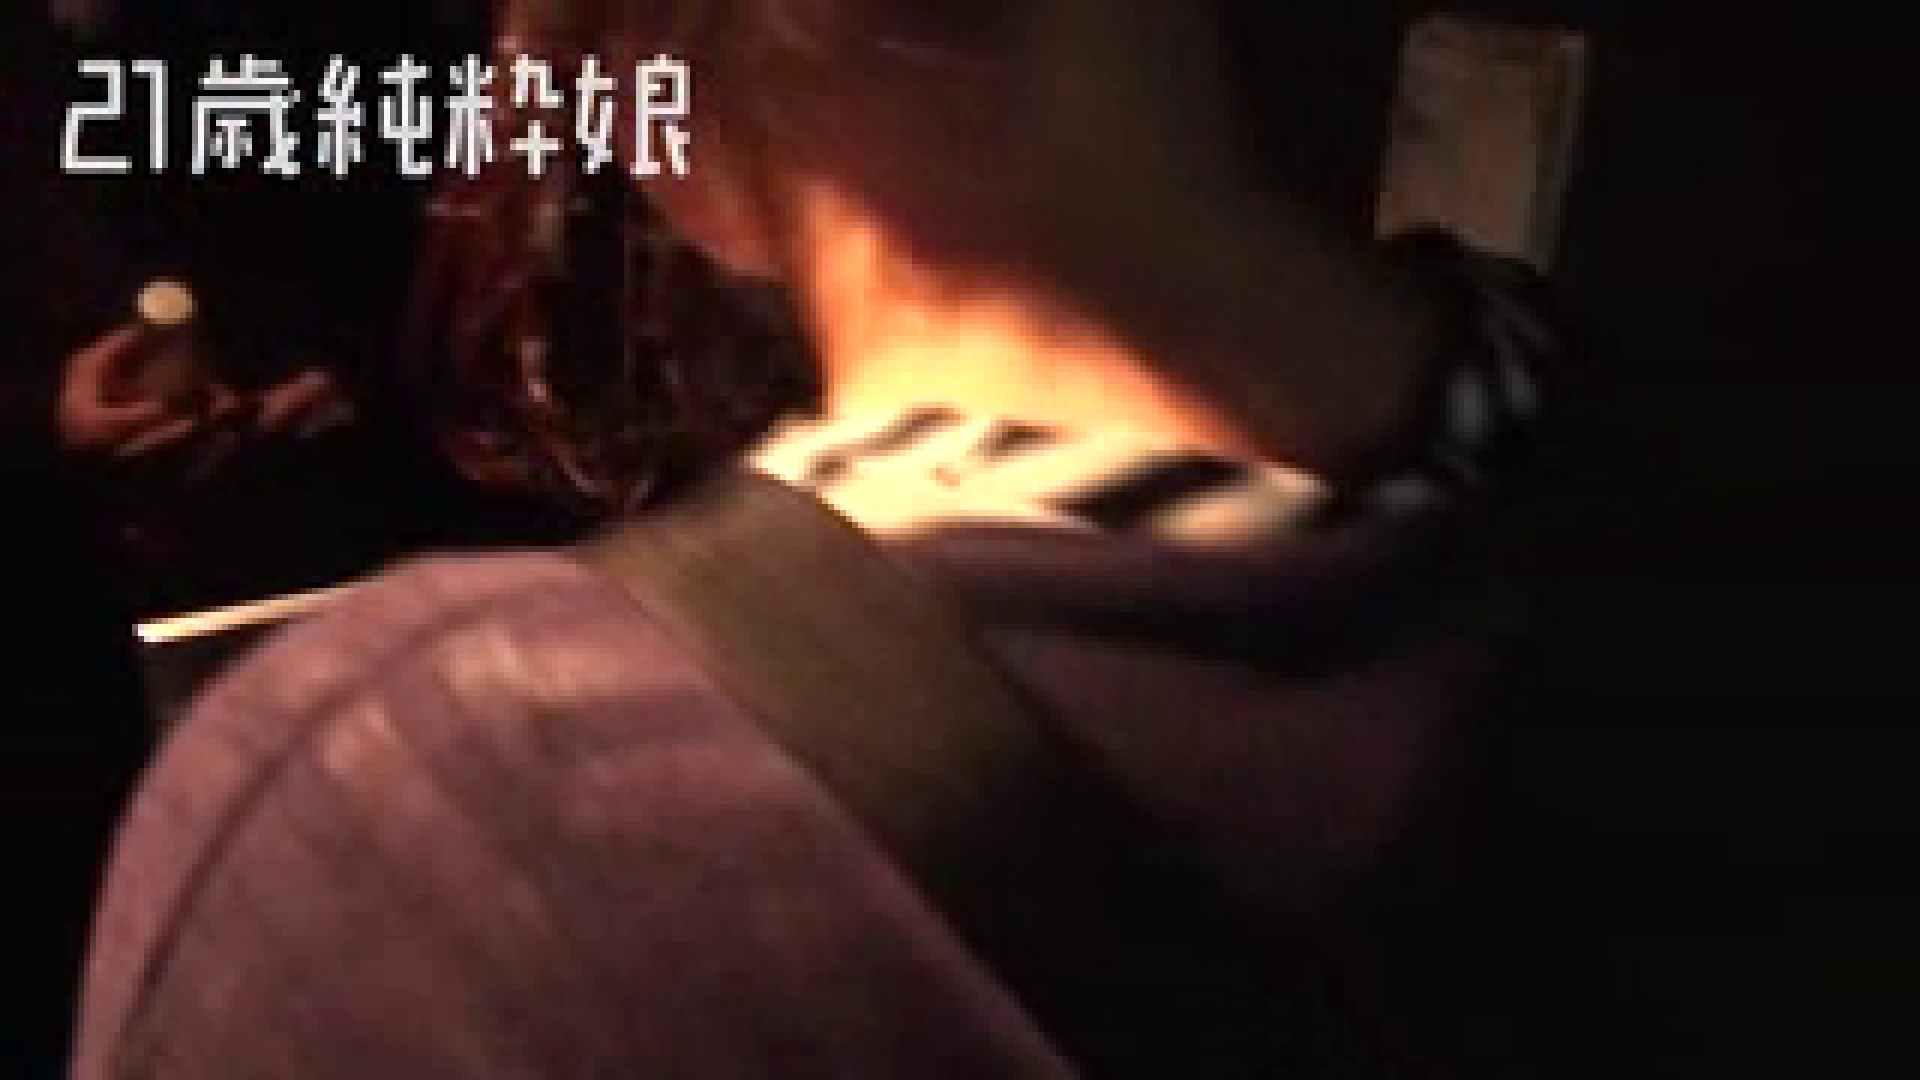 上京したばかりのGカップ21歳純粋嬢を都合の良い女にしてみた4 ホテル | ギャル達のおっぱい  96画像 1